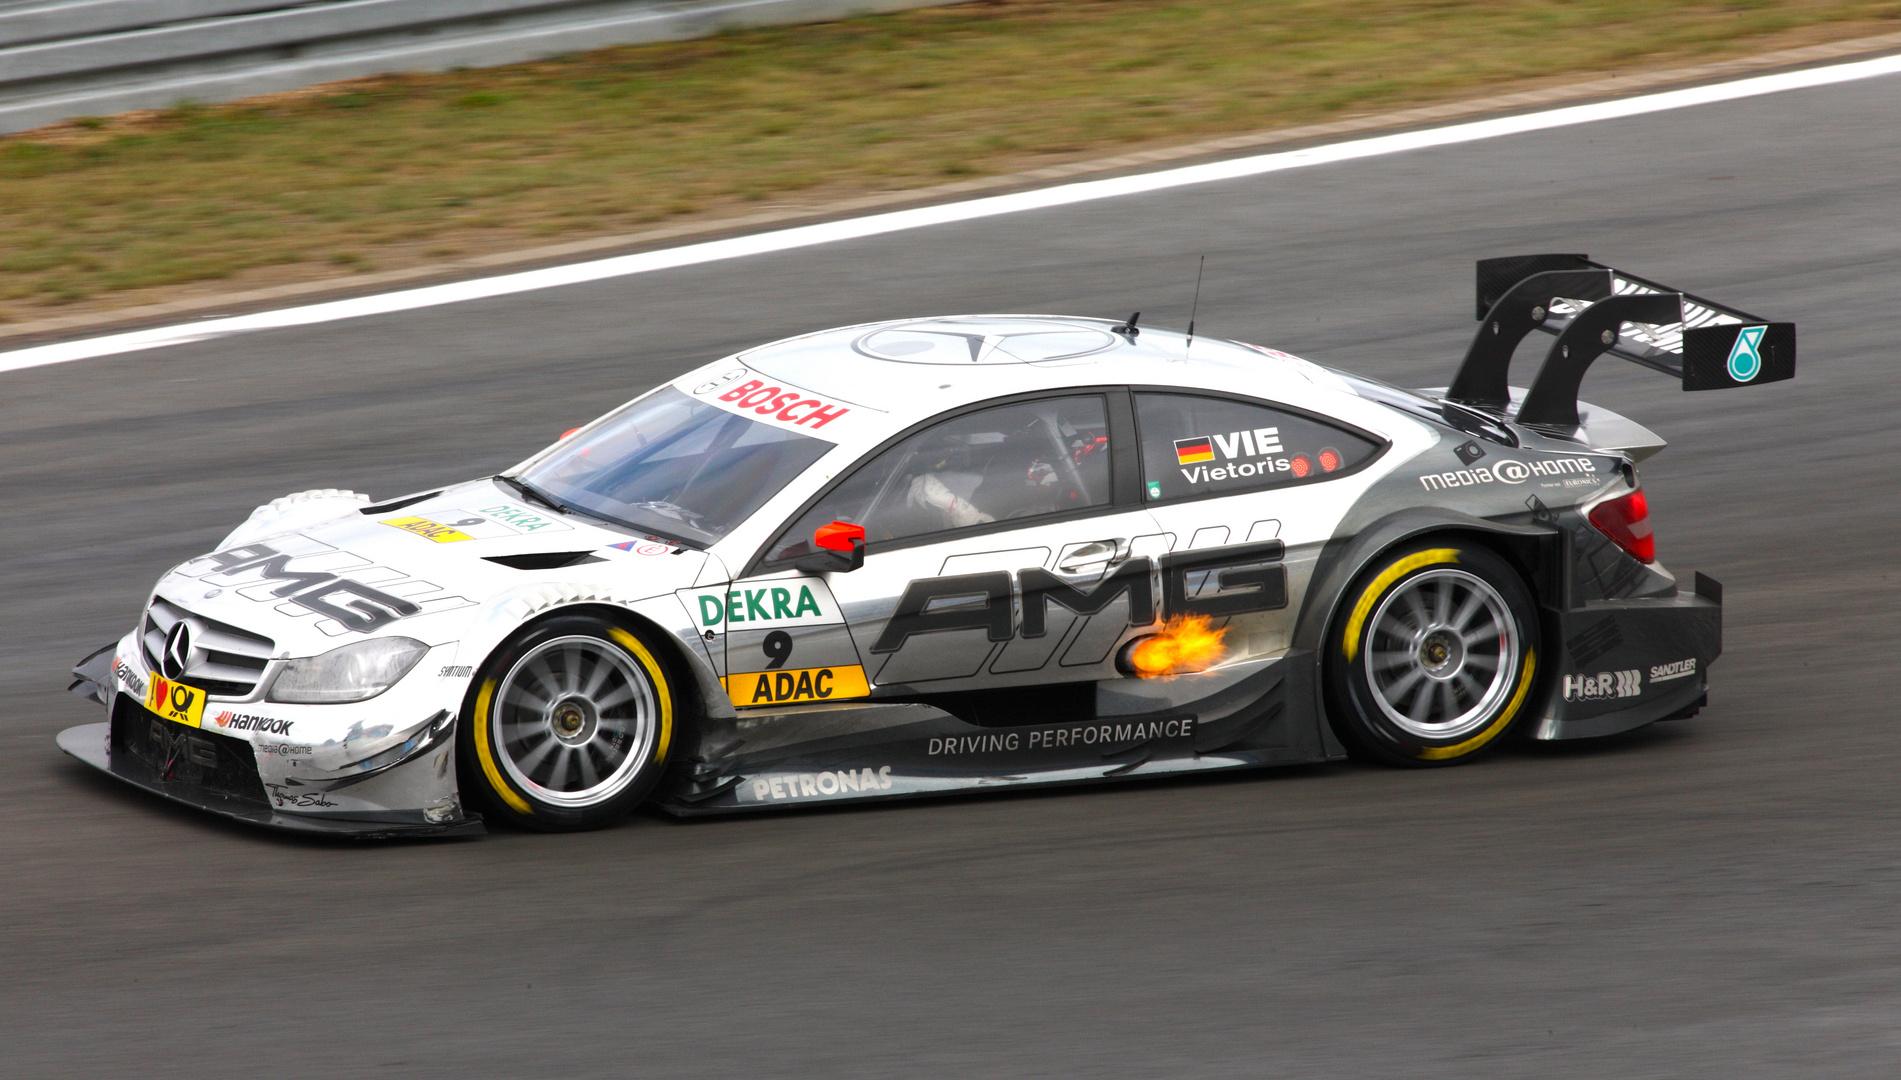 DTM Nürburgring 18.08.13 Vietoris MB